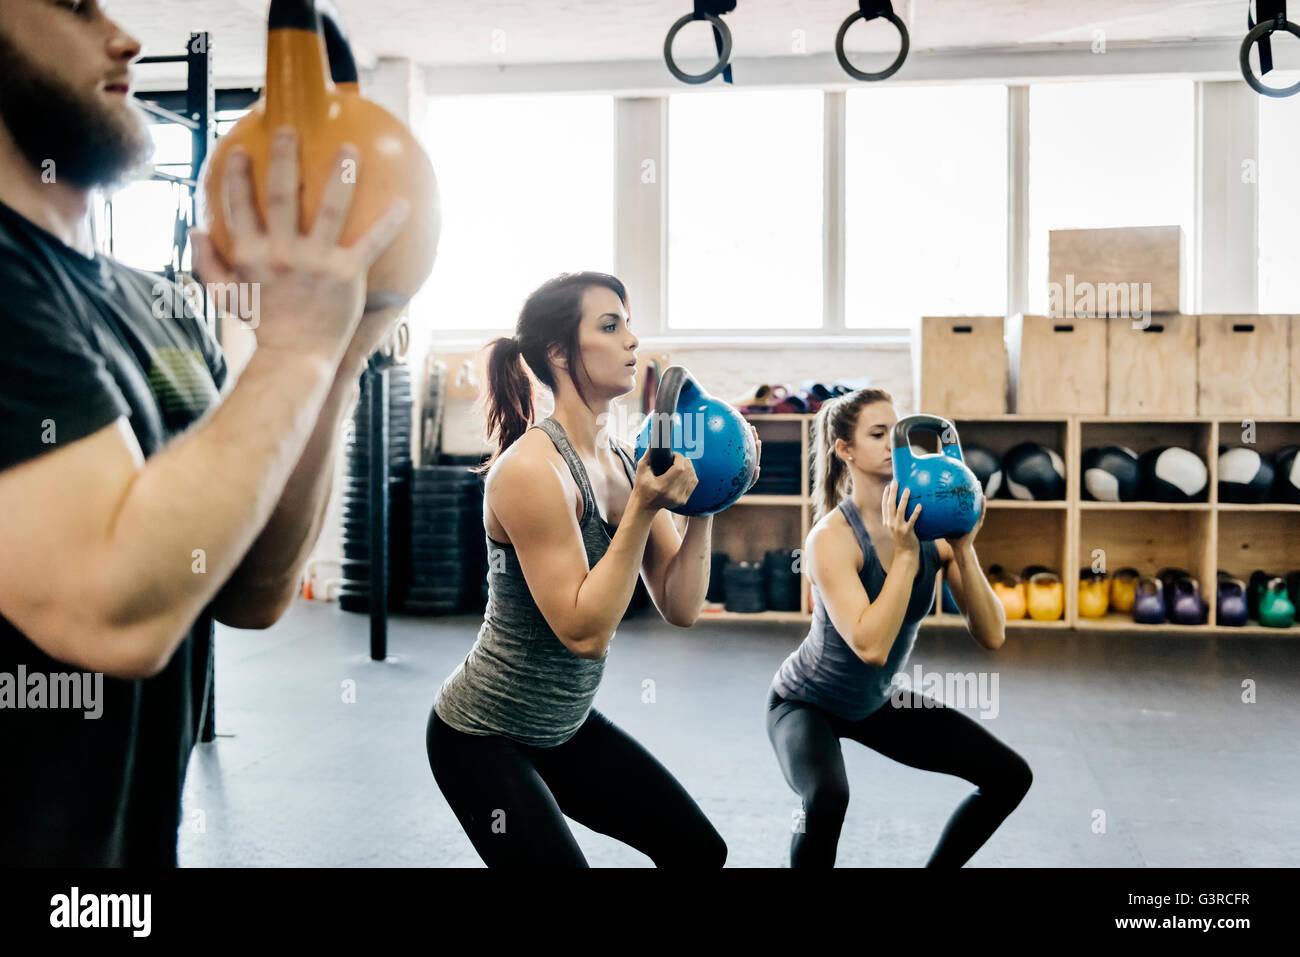 Germania, giovani donne e uomini formazione incrociata con kettlebells in palestra Immagini Stock